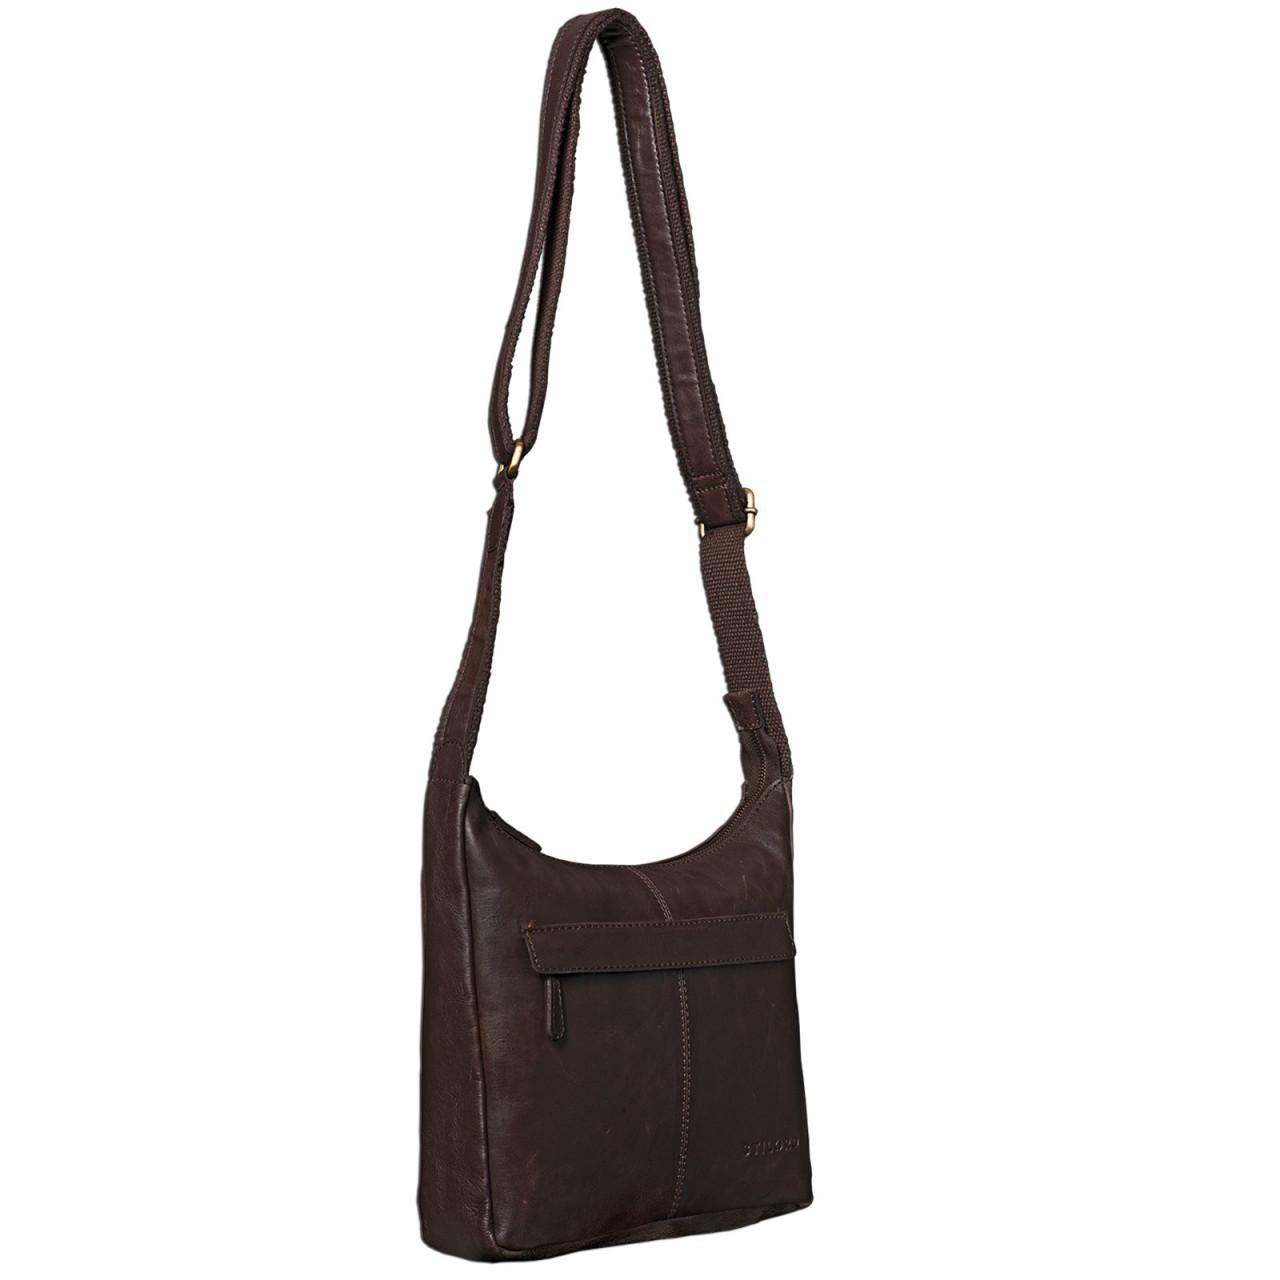 STILORD dunkelbraune Vintage Umhängetasche für Damen / Handtasche / Ledertasche aus weichem Büffel Leder braun - Bild 5